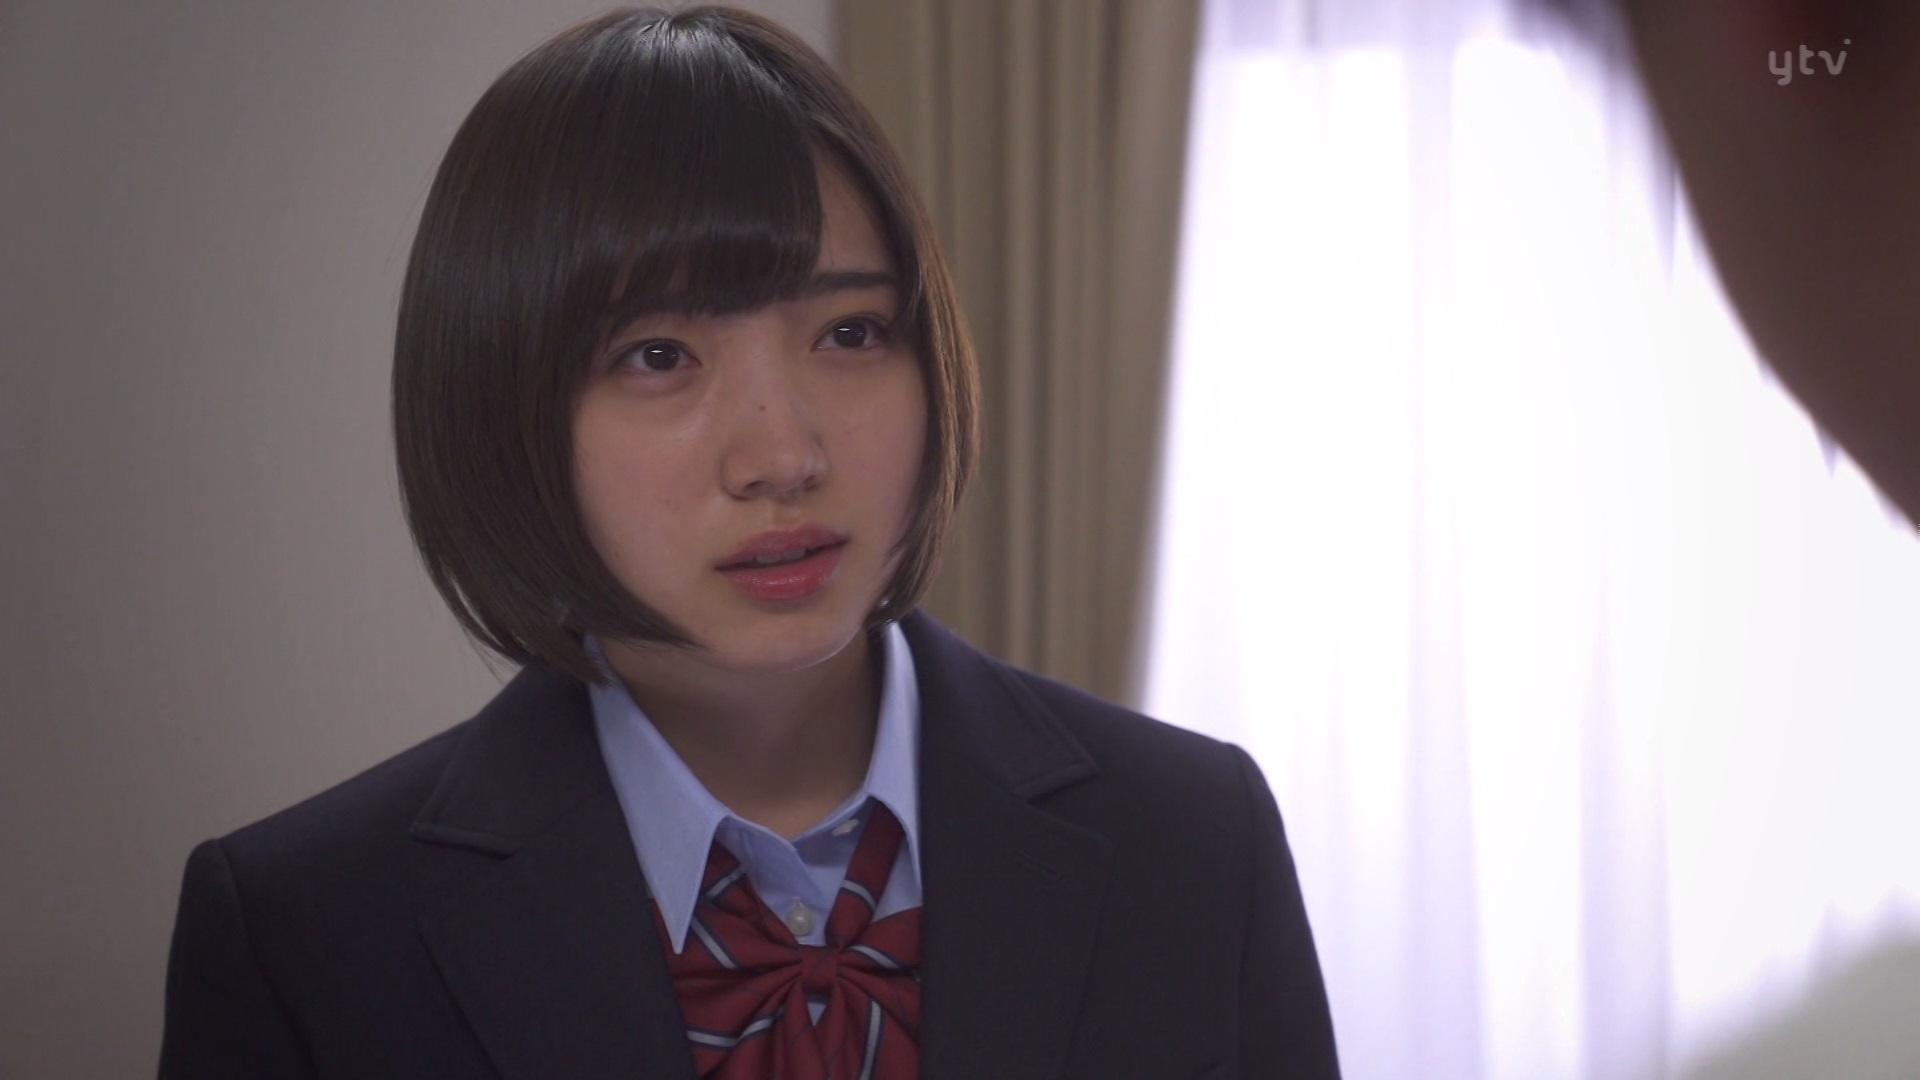 【太田夢莉】ゆーり出演「ランチ合コン探偵 ~恋とグルメと謎解きと~」第7話の画像